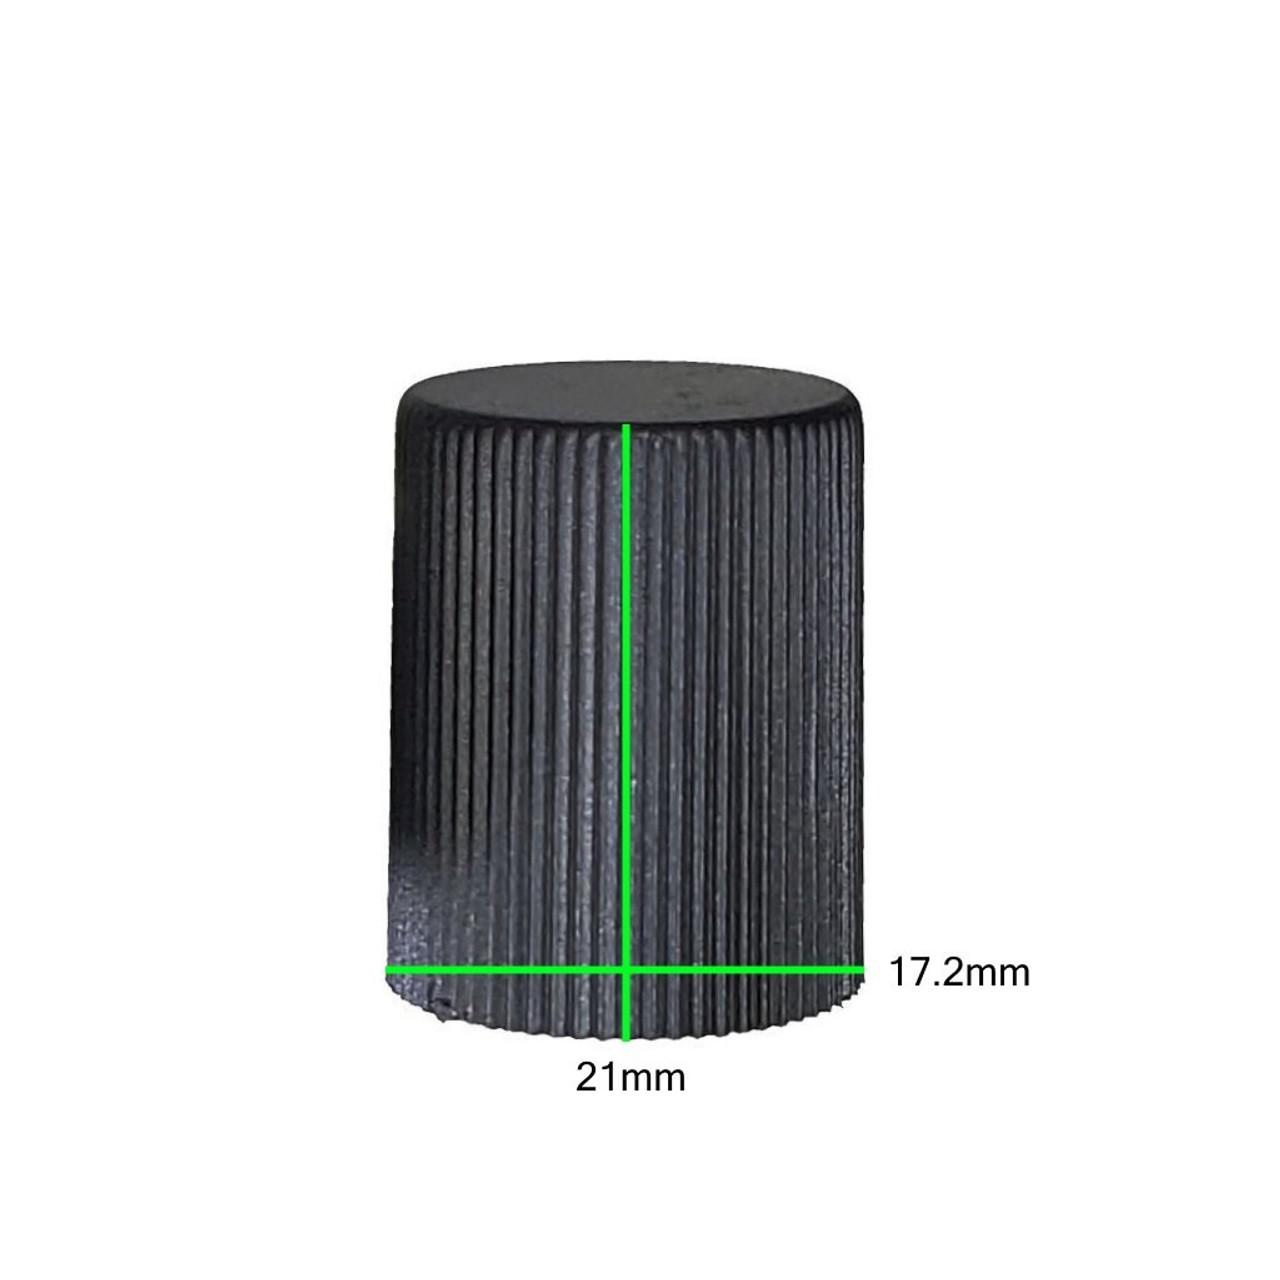 Measurements on Black AC Service Cap - Low Side M8x1.0